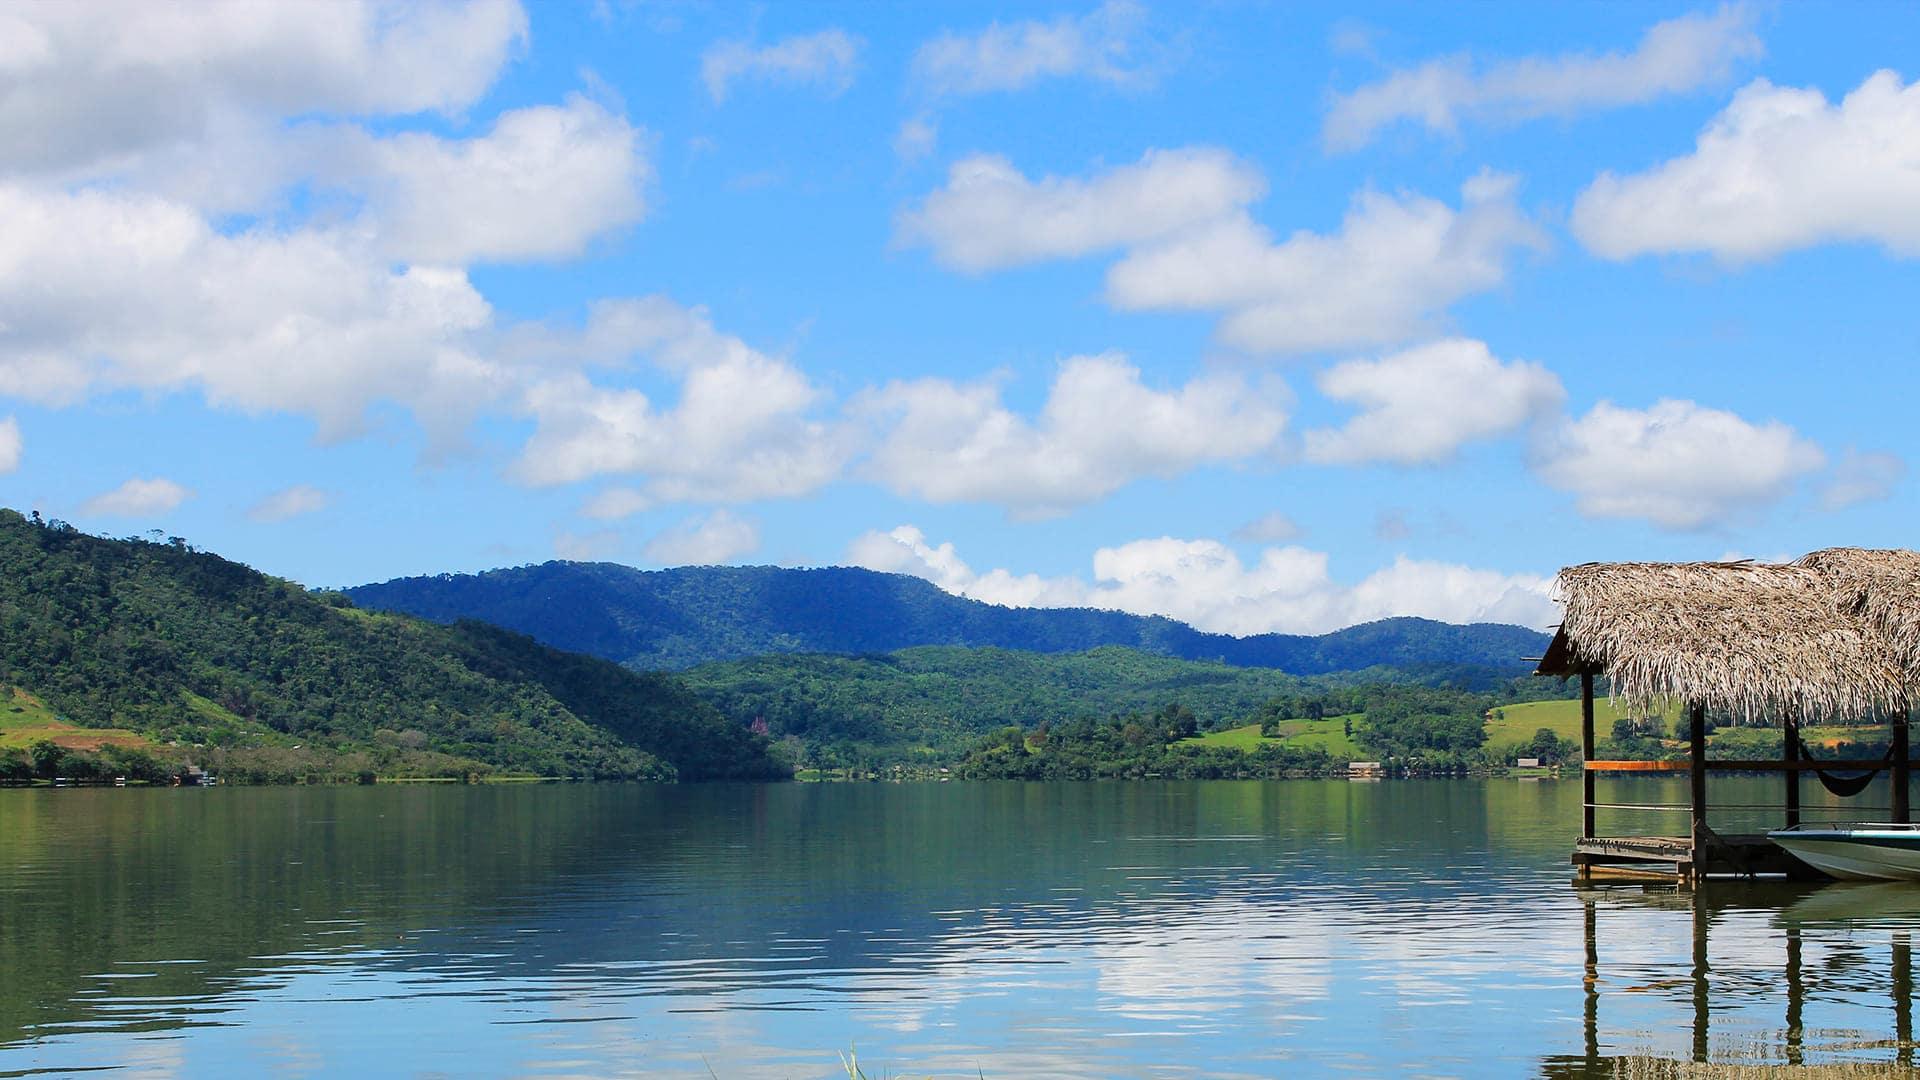 Encuentra paz y tranquilidad en la Laguna Azul, también llamada Laguna Sauce, en Tarapoto.